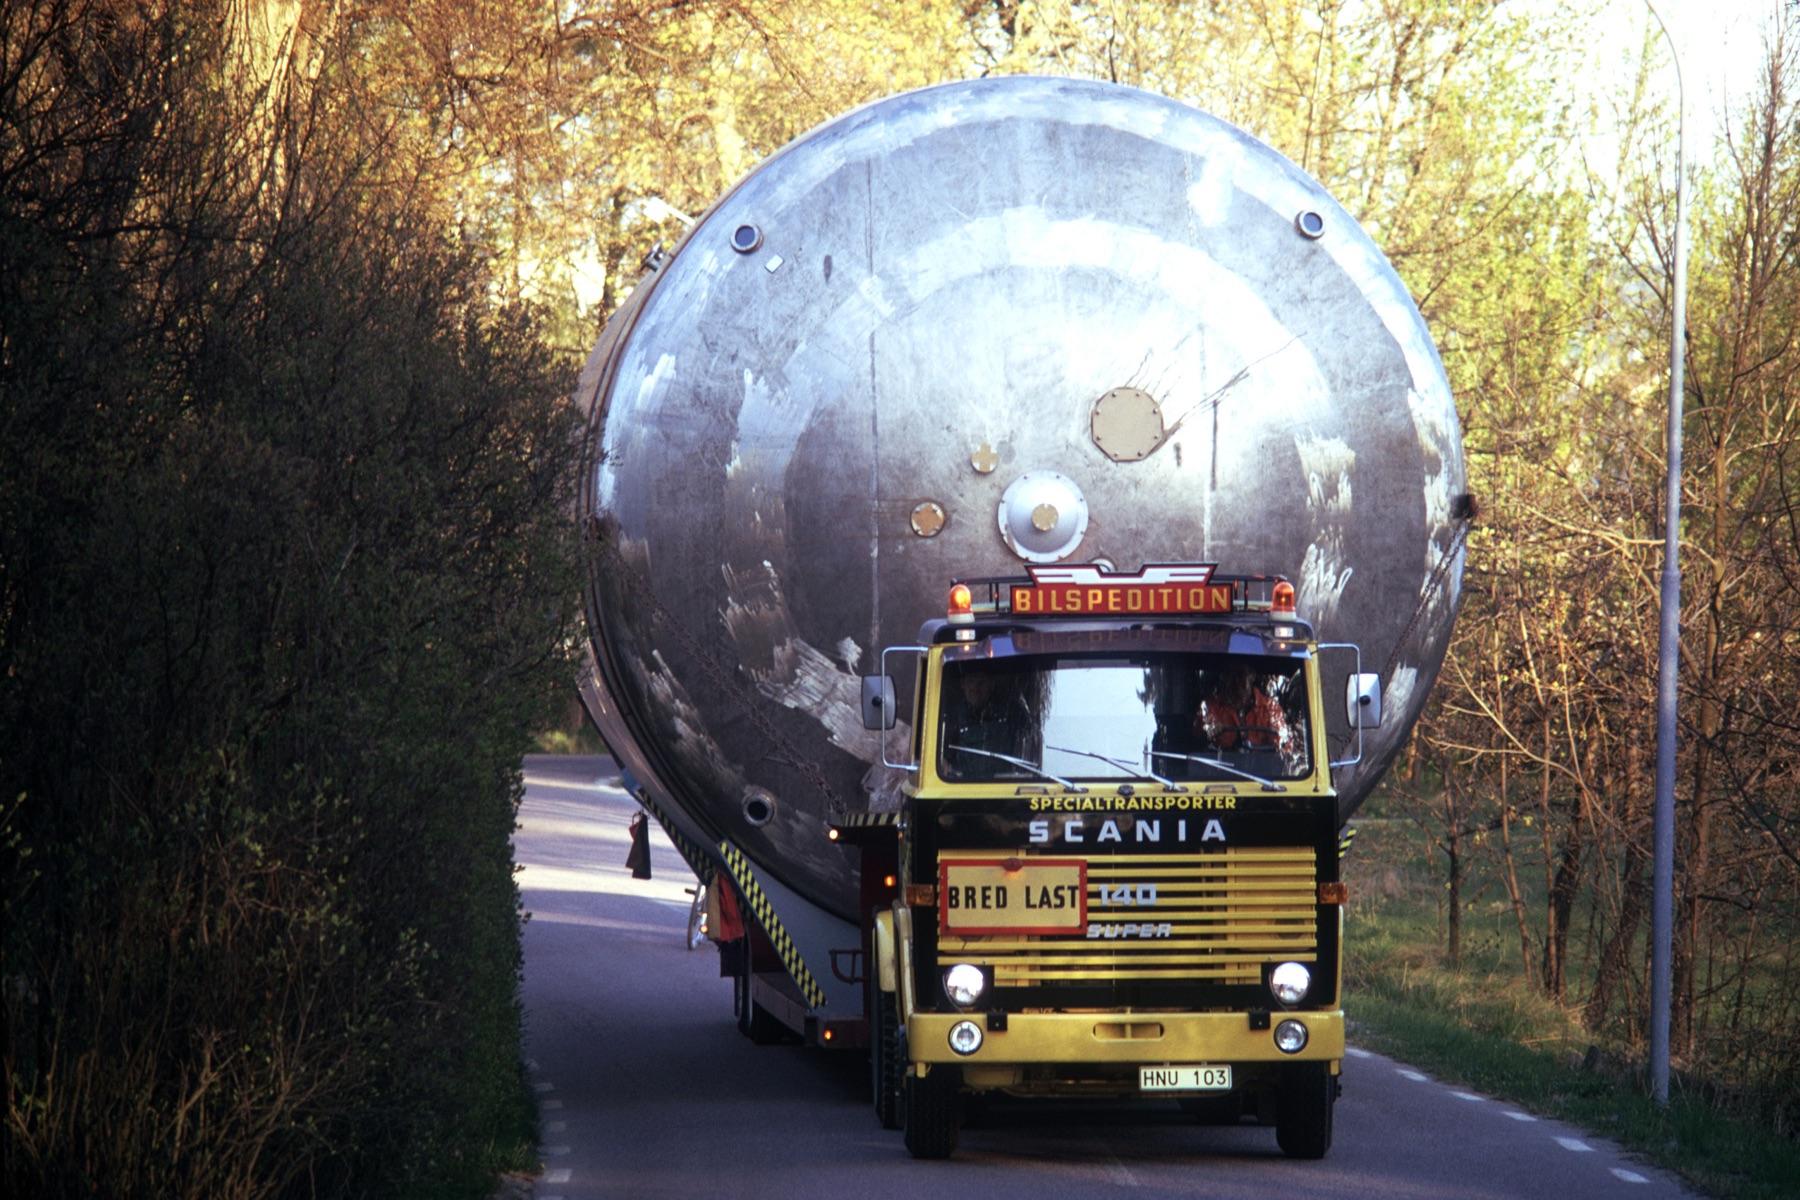 巨大なタンクをものともせず運ぶスカニアV8エンジンのパワーを象徴するワンシーン